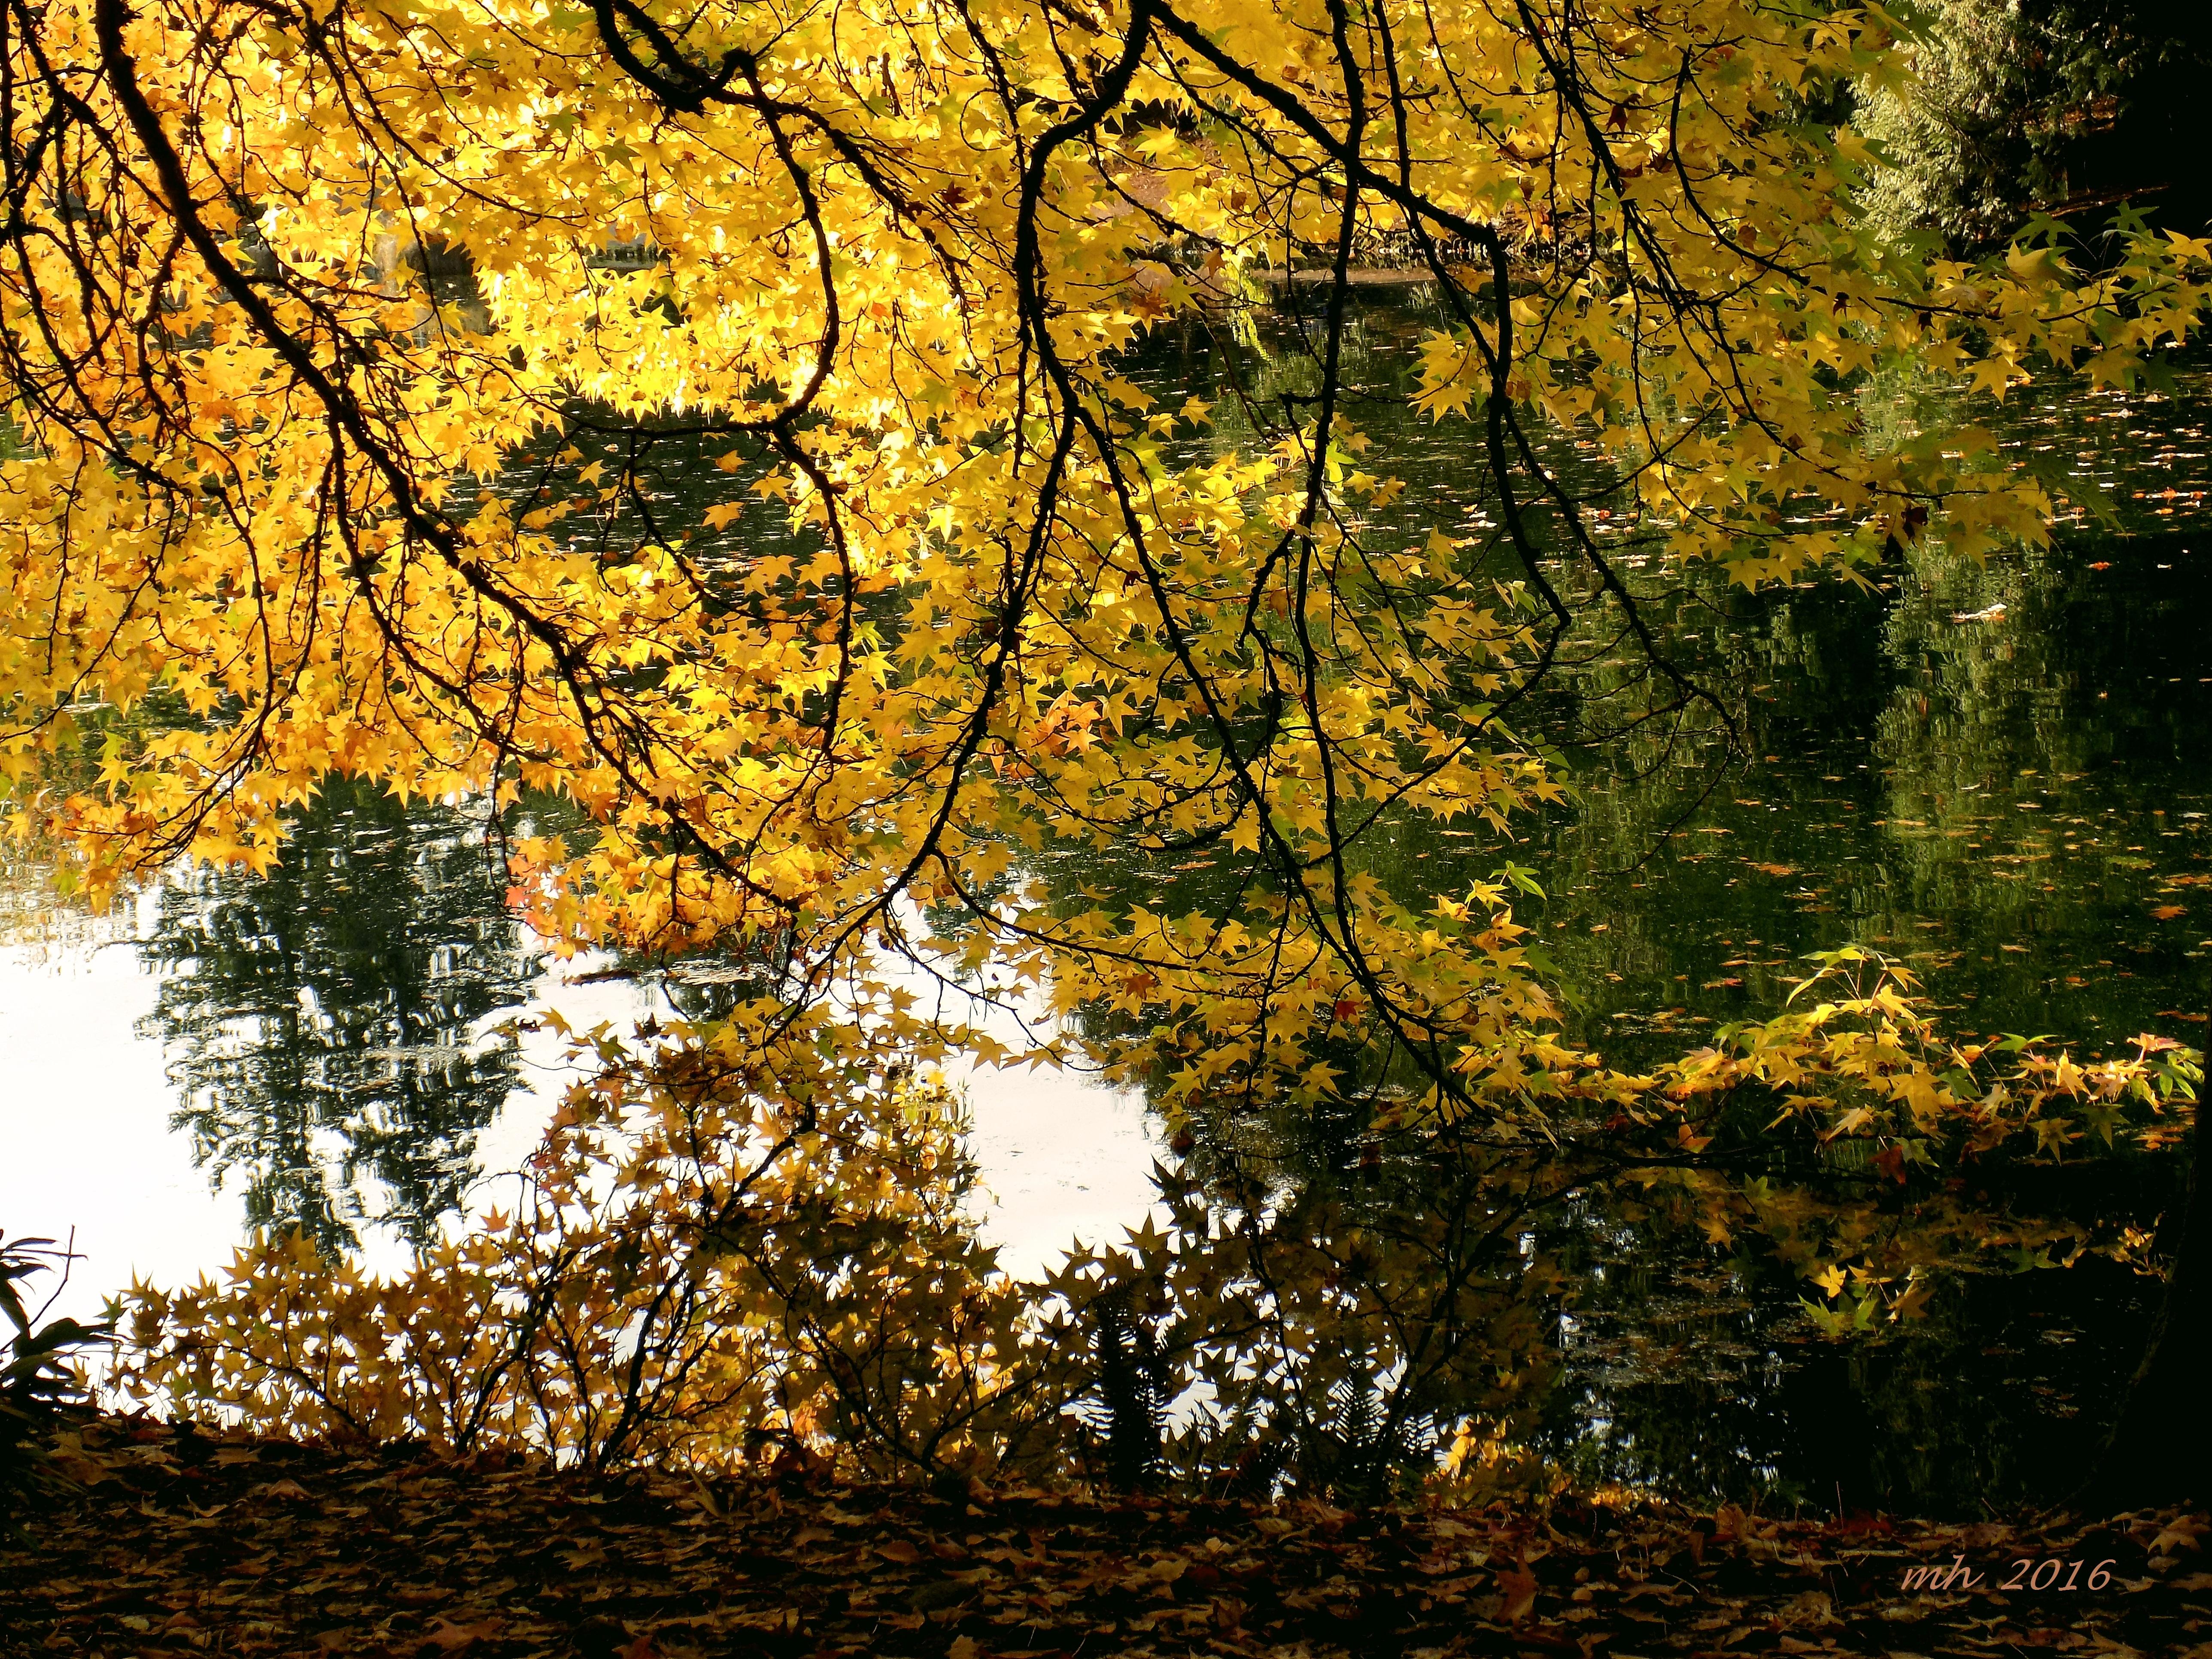 laurelhurst-park-2016-in-portland